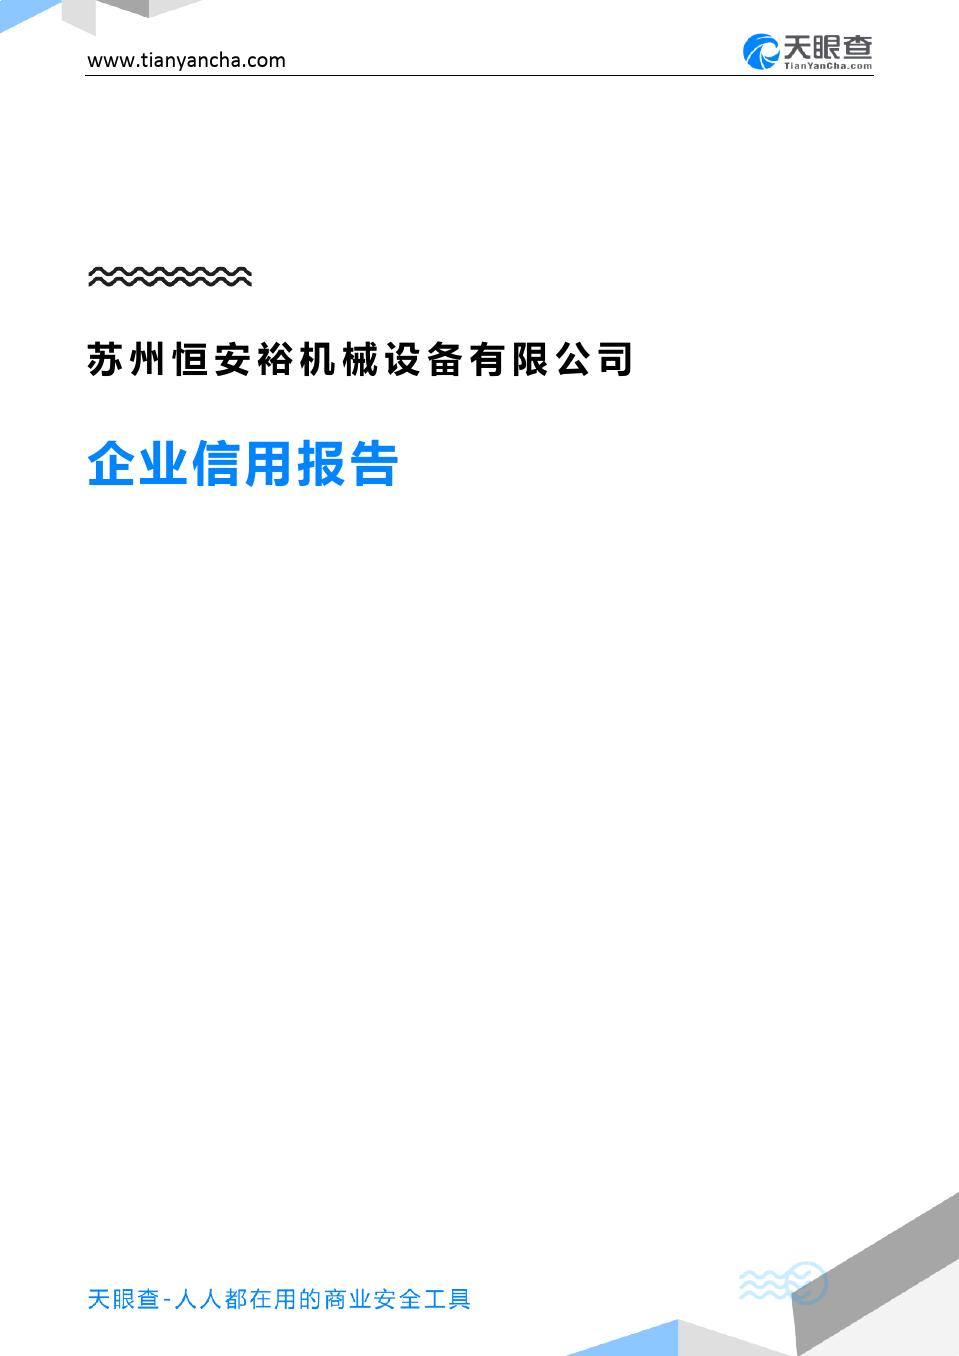 苏州恒安裕机械设备有限公司(企业信用报告)- 天眼查